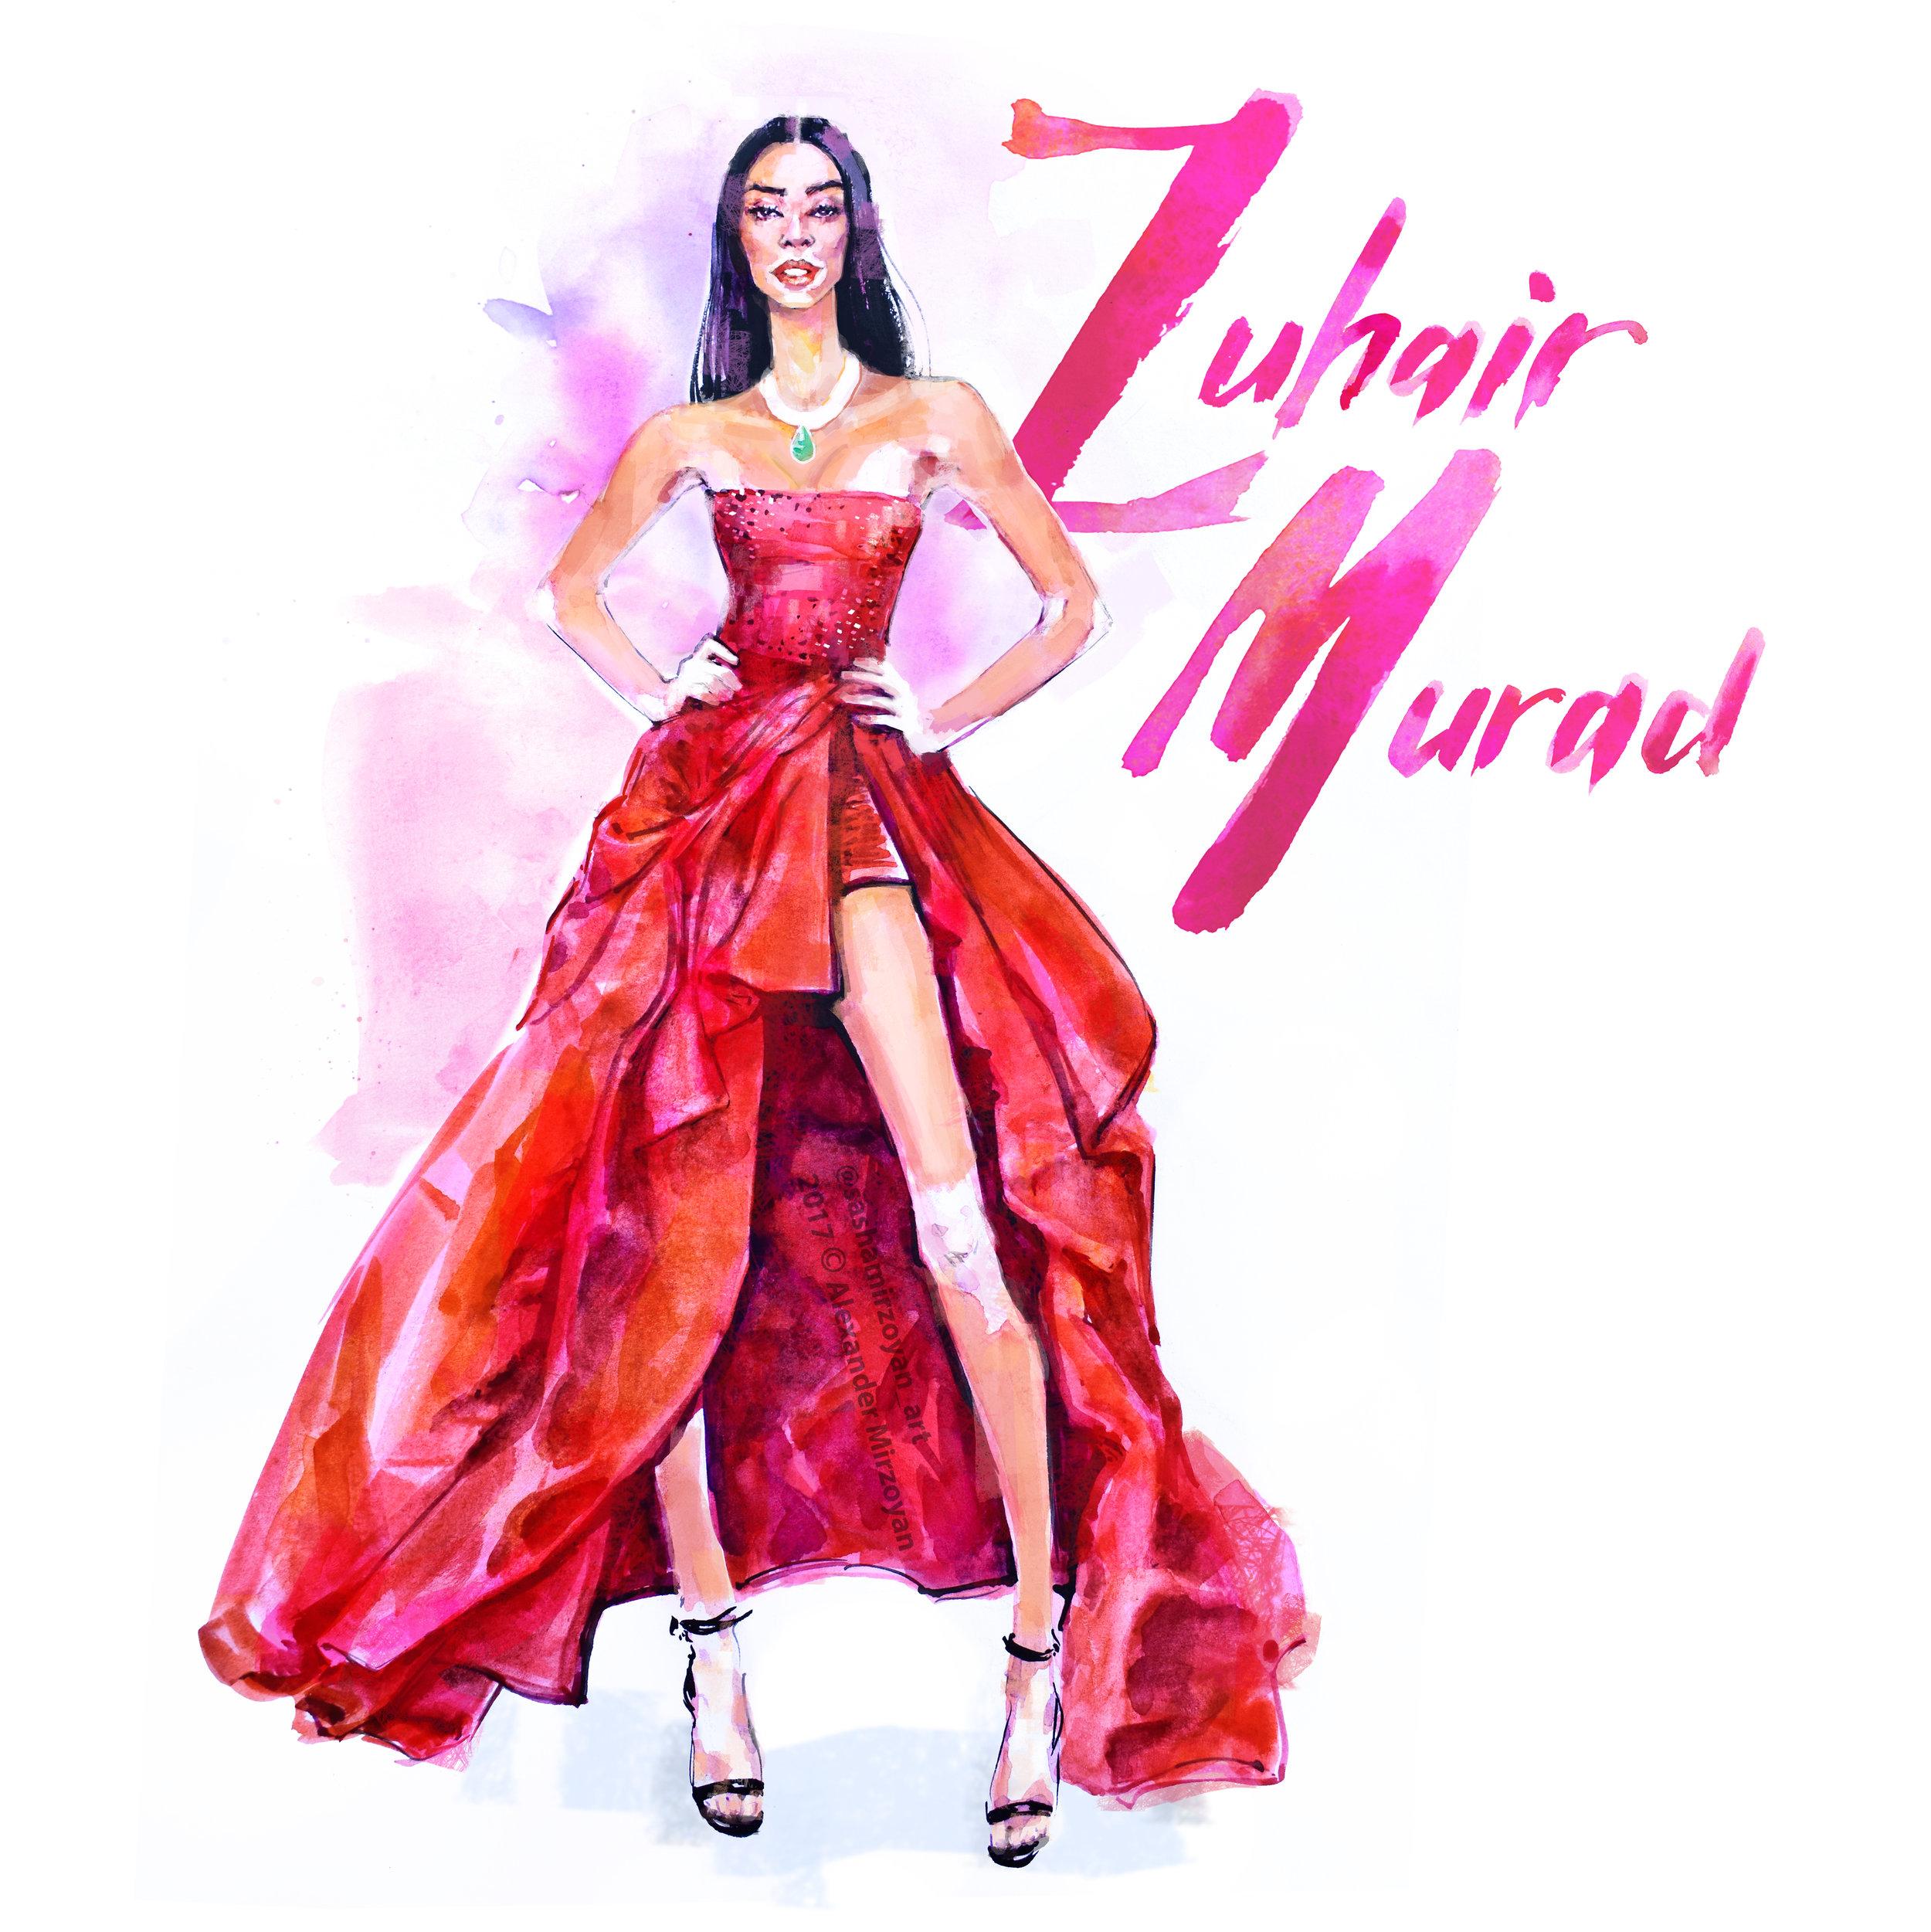 Zuhair-fashion-illustration-square-handlettering-02.jpg